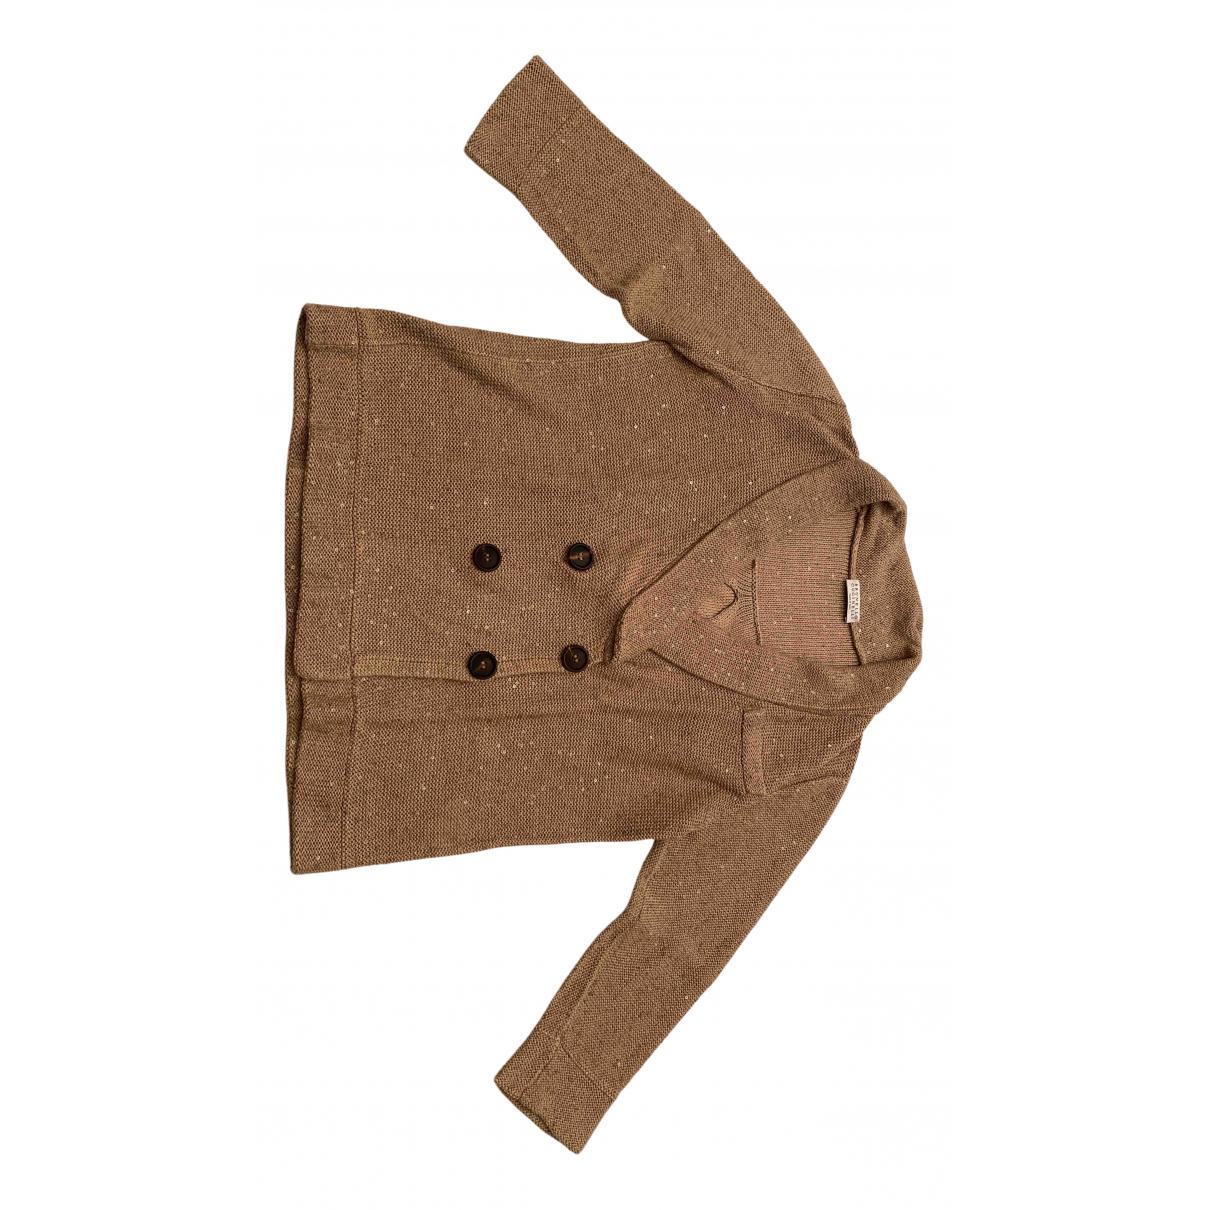 Brunello Cucinelli \N Beige Cotton jacket for Women M International